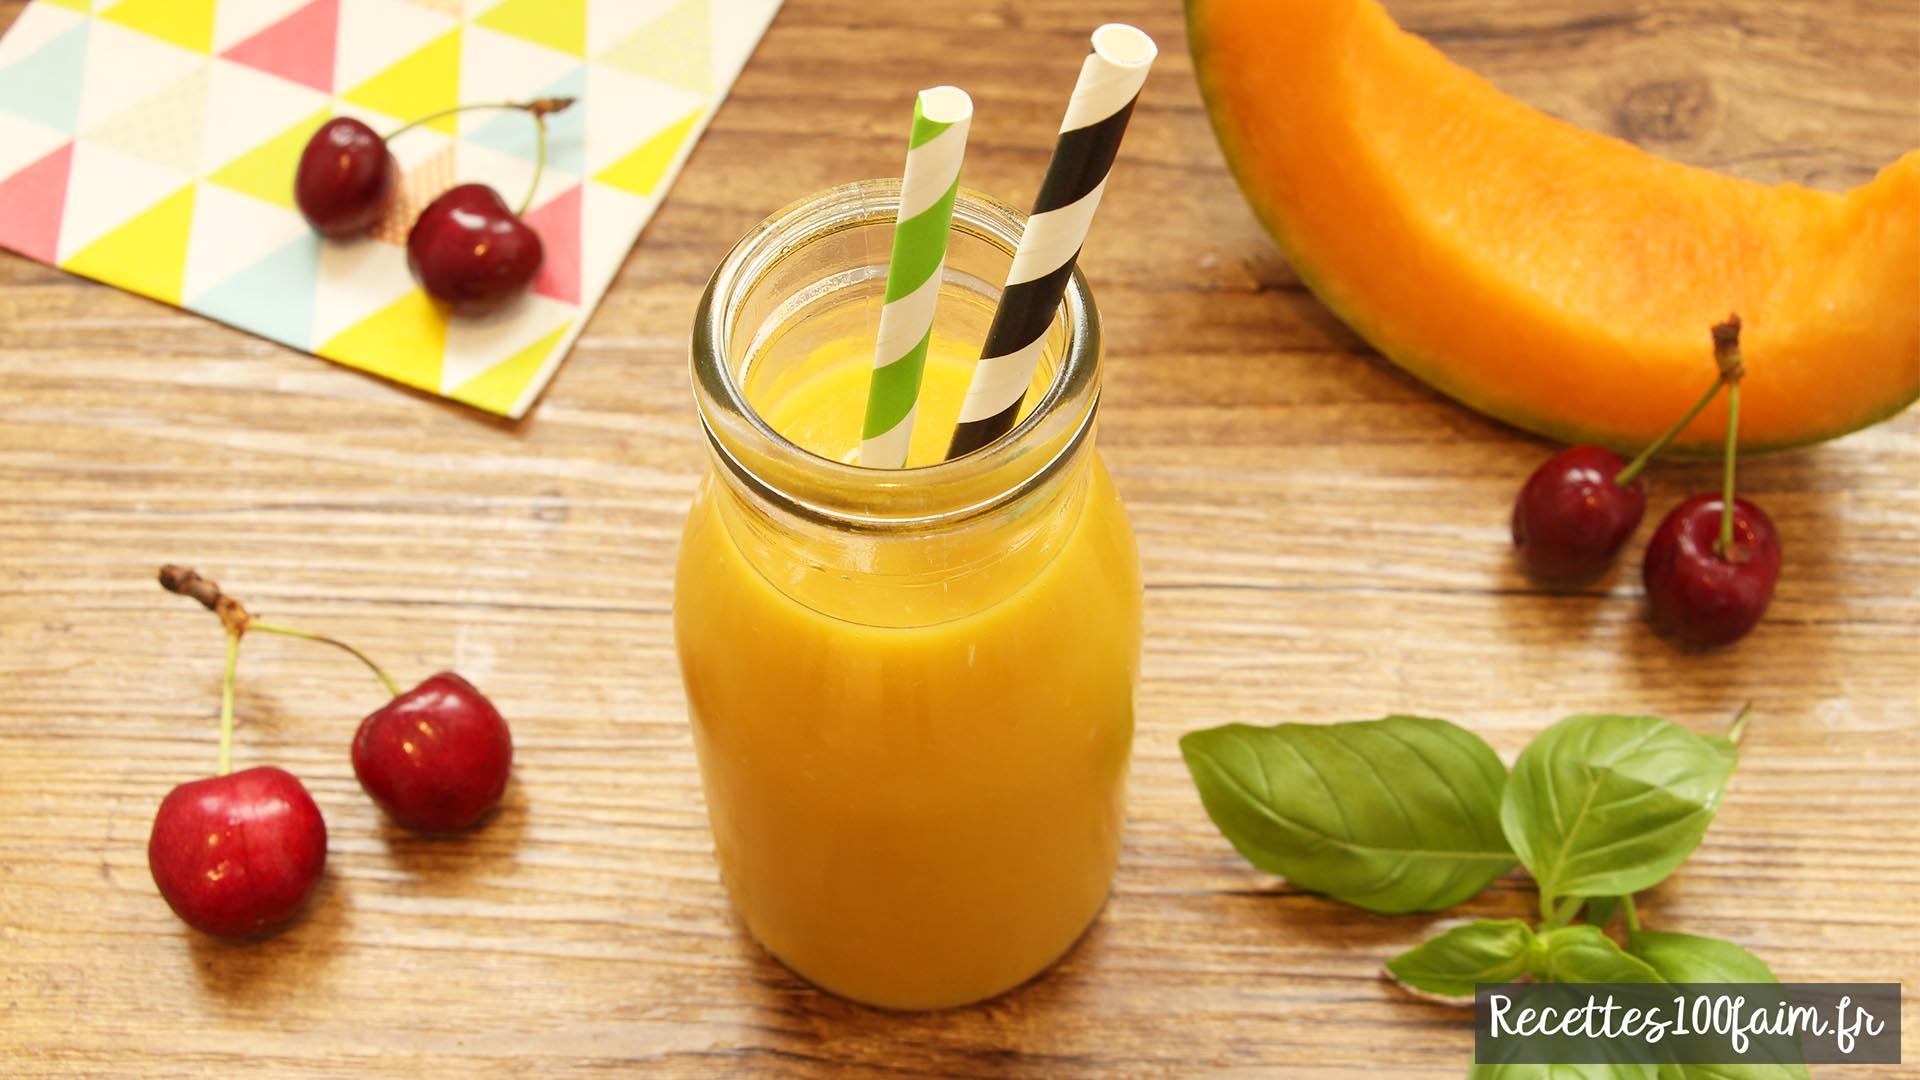 Un jus original à base de melon et de cerises